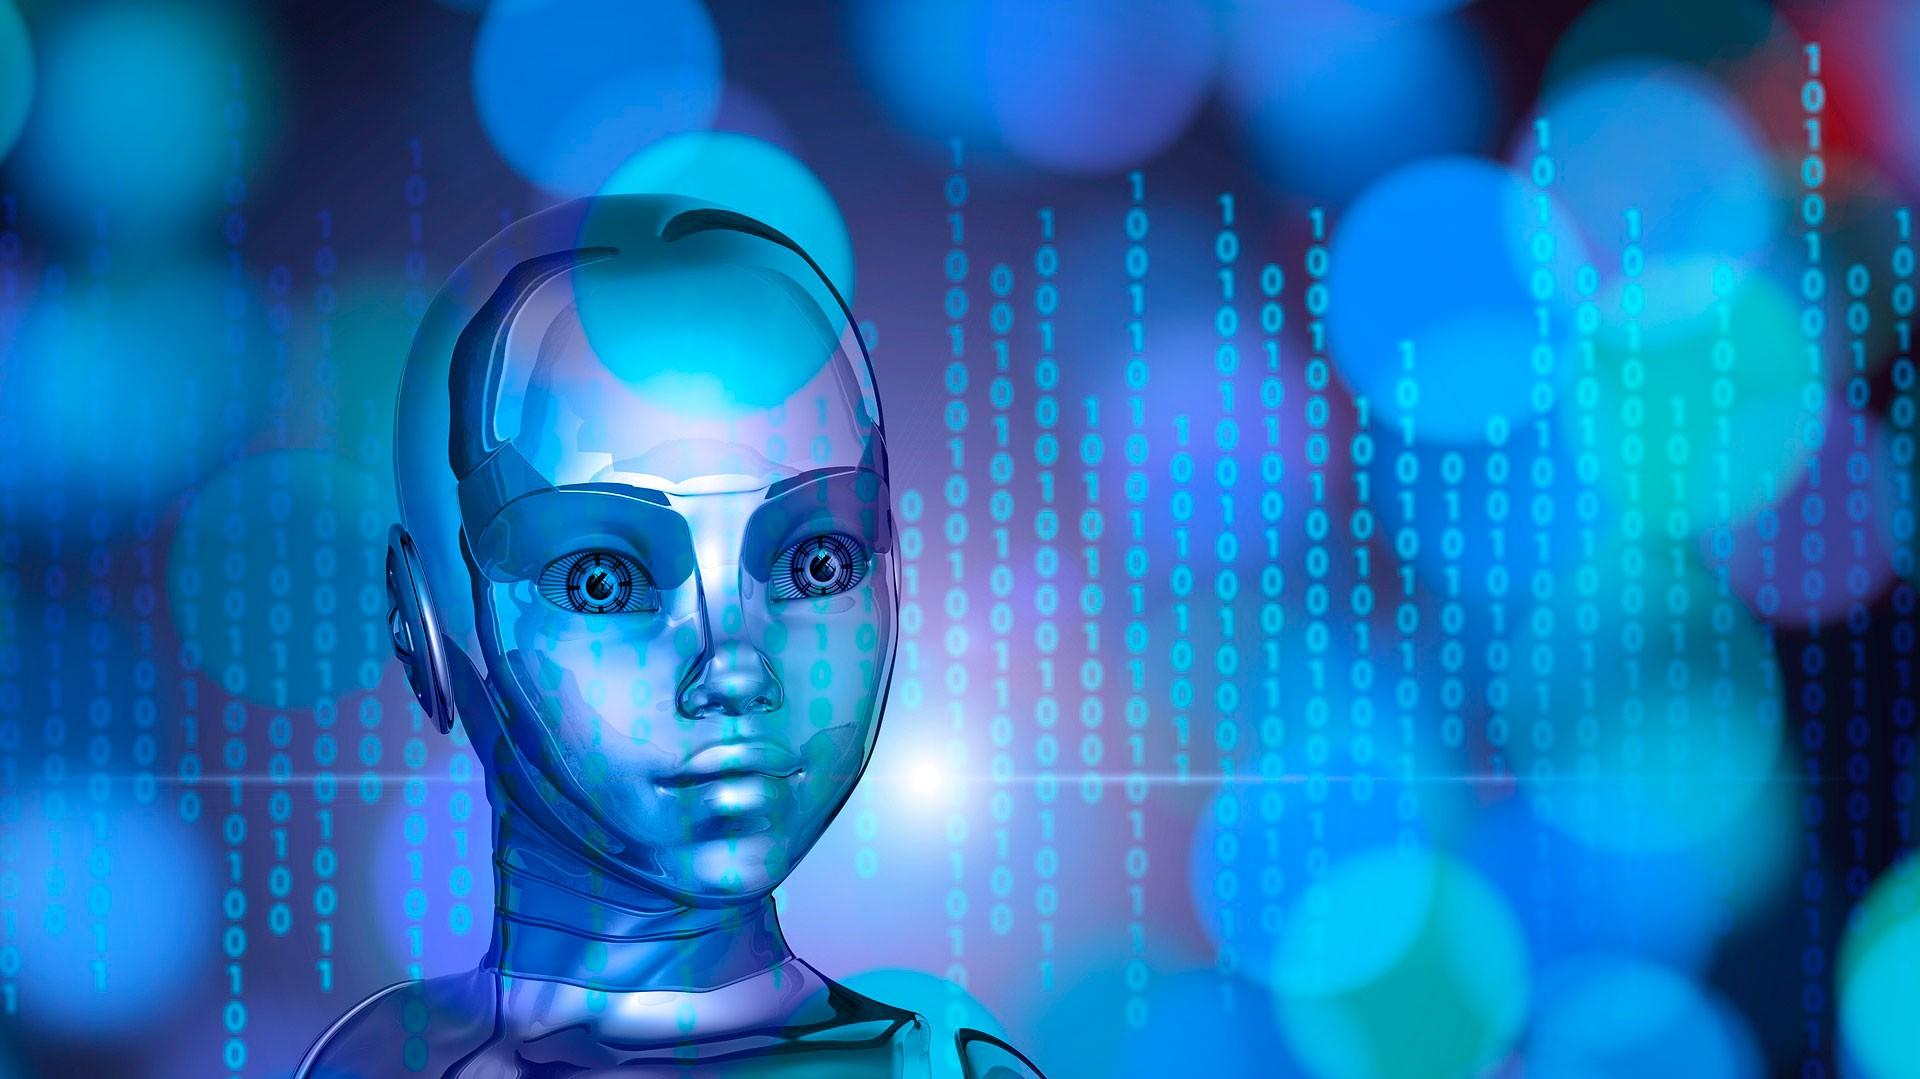 Un muñeco con número y letras alrededor simbolizando la Inteligencia artificial